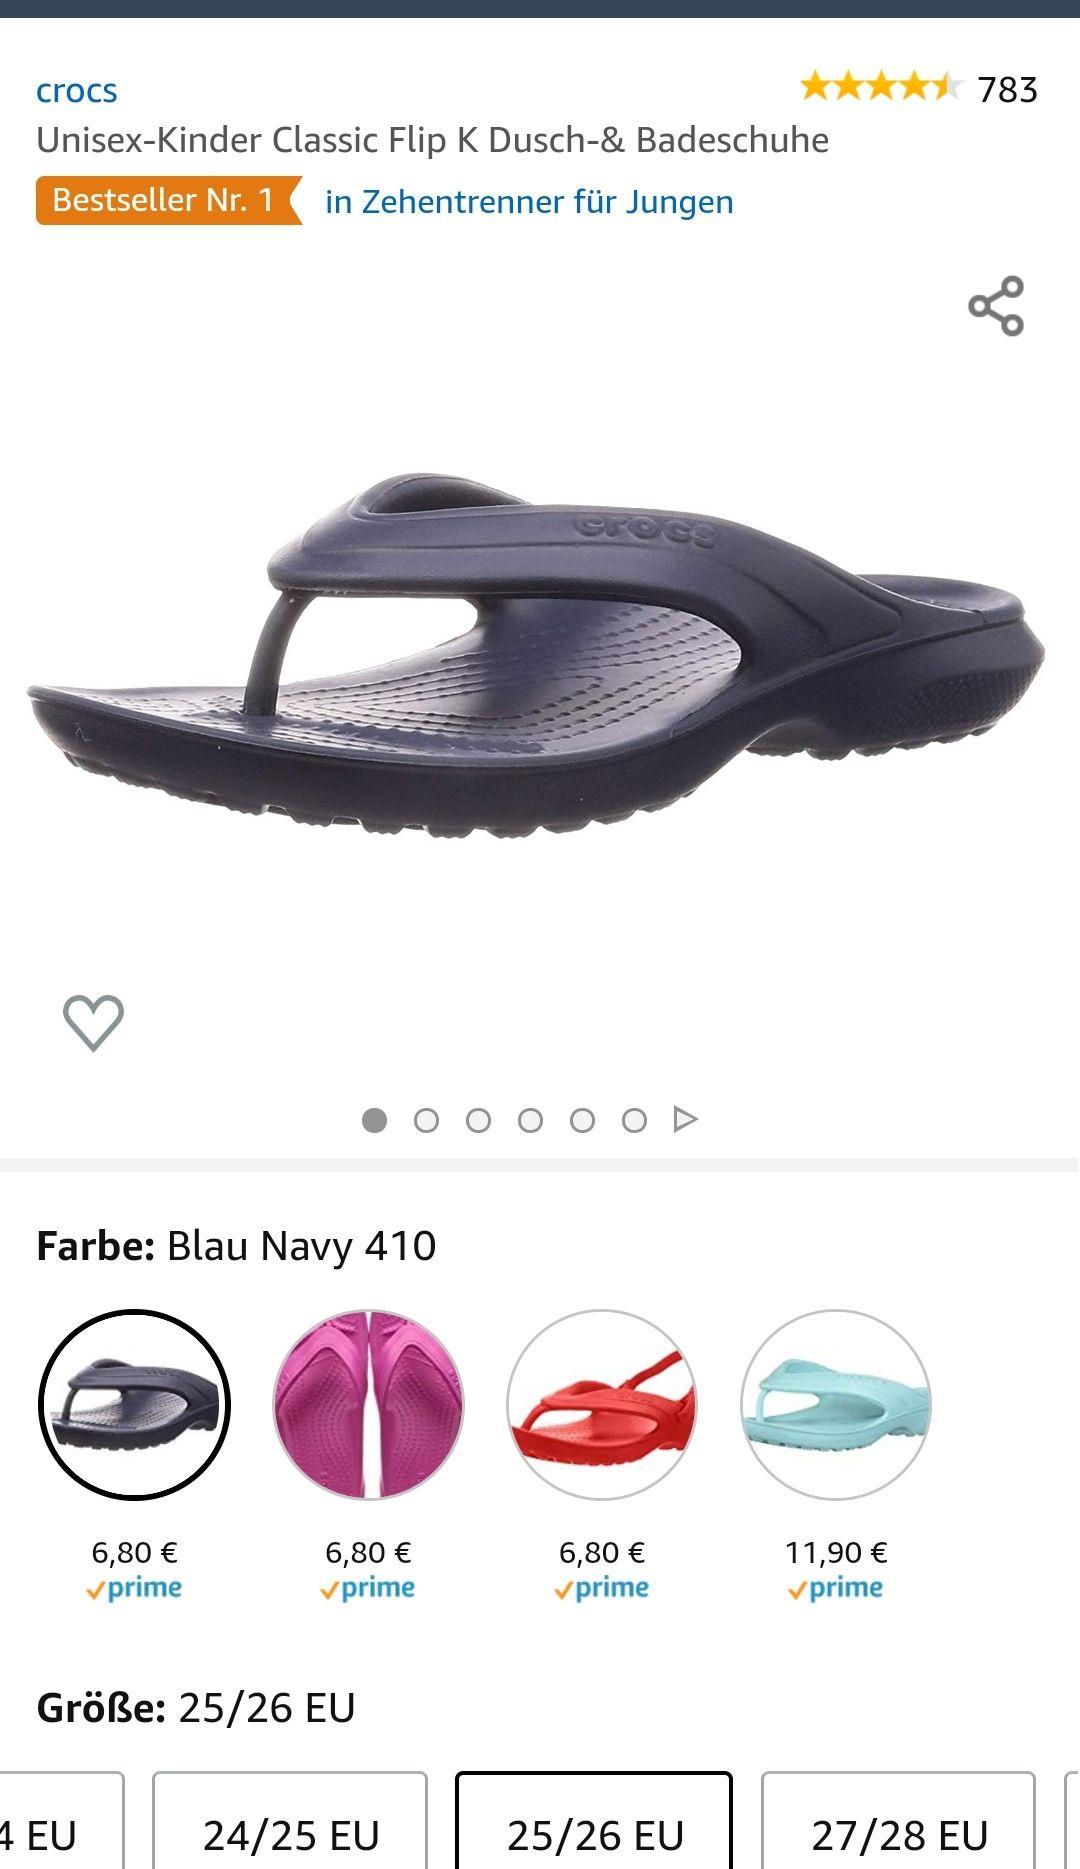 Crocs Unisex-Kinder Classic Flip K Dusch-& Badeschuhe